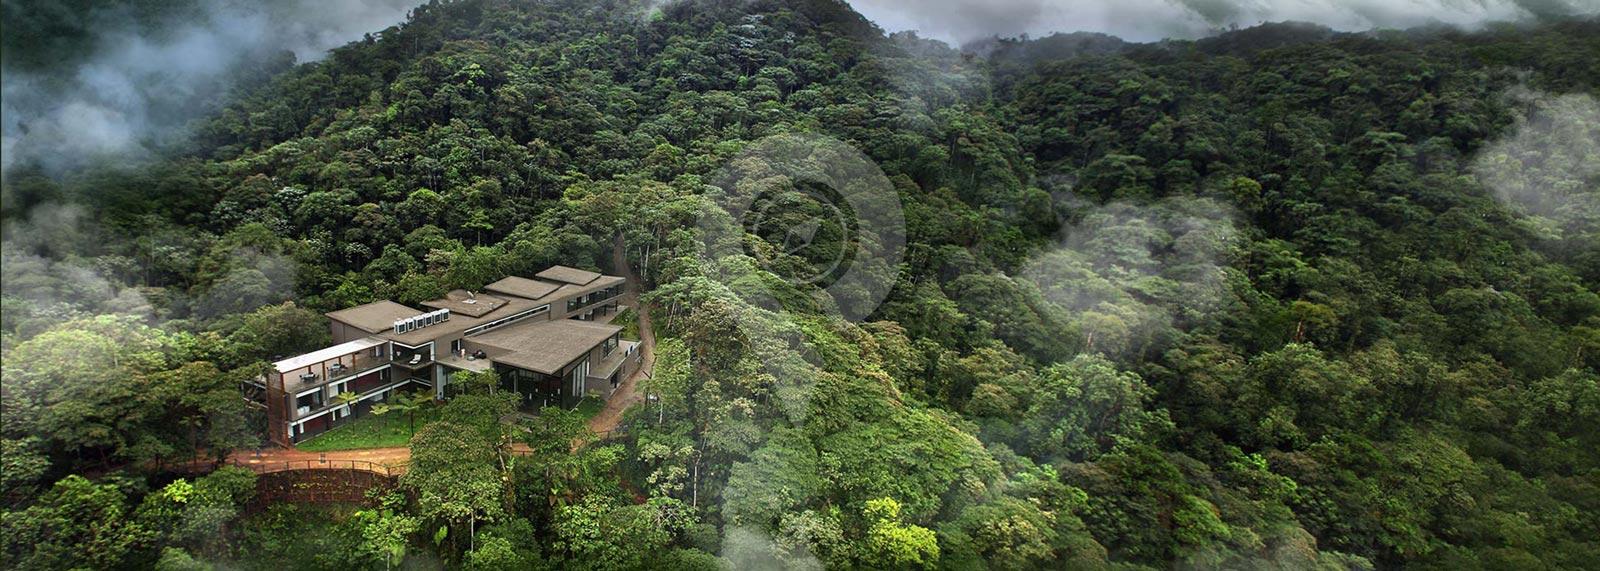 Mashpi Lodge - Ecuador Retreat